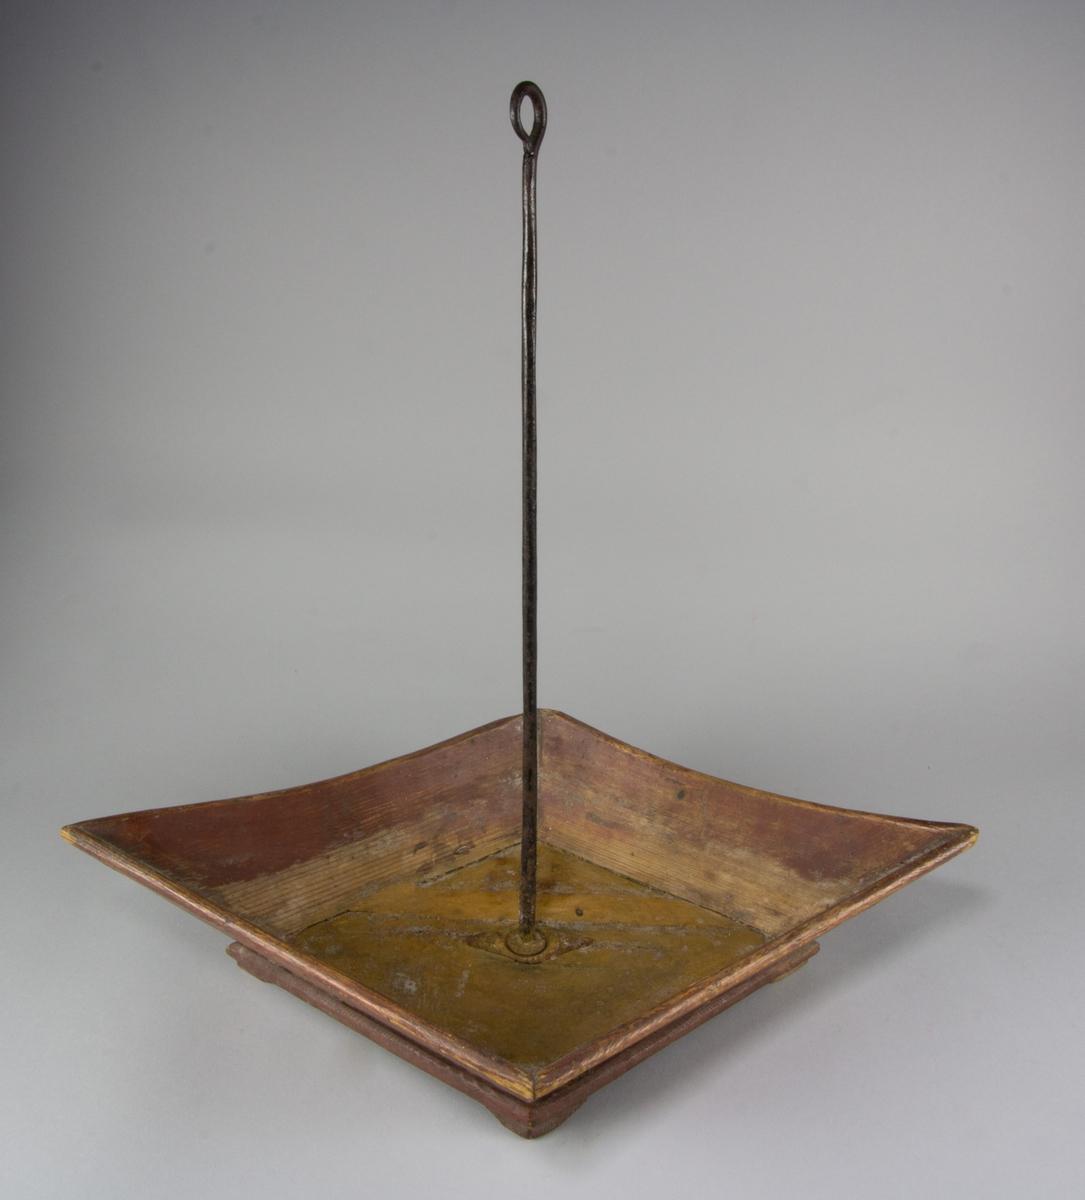 Spottlåda, eller spottkopp, av trä målat i rödbrunt med skaft av järn med märla. Rombformad modell med uppåtpekande hörn. Sidorna fogade mot botten en bit in, så att bottenskivan fungerar som dekorativ list. På fötter av trä.